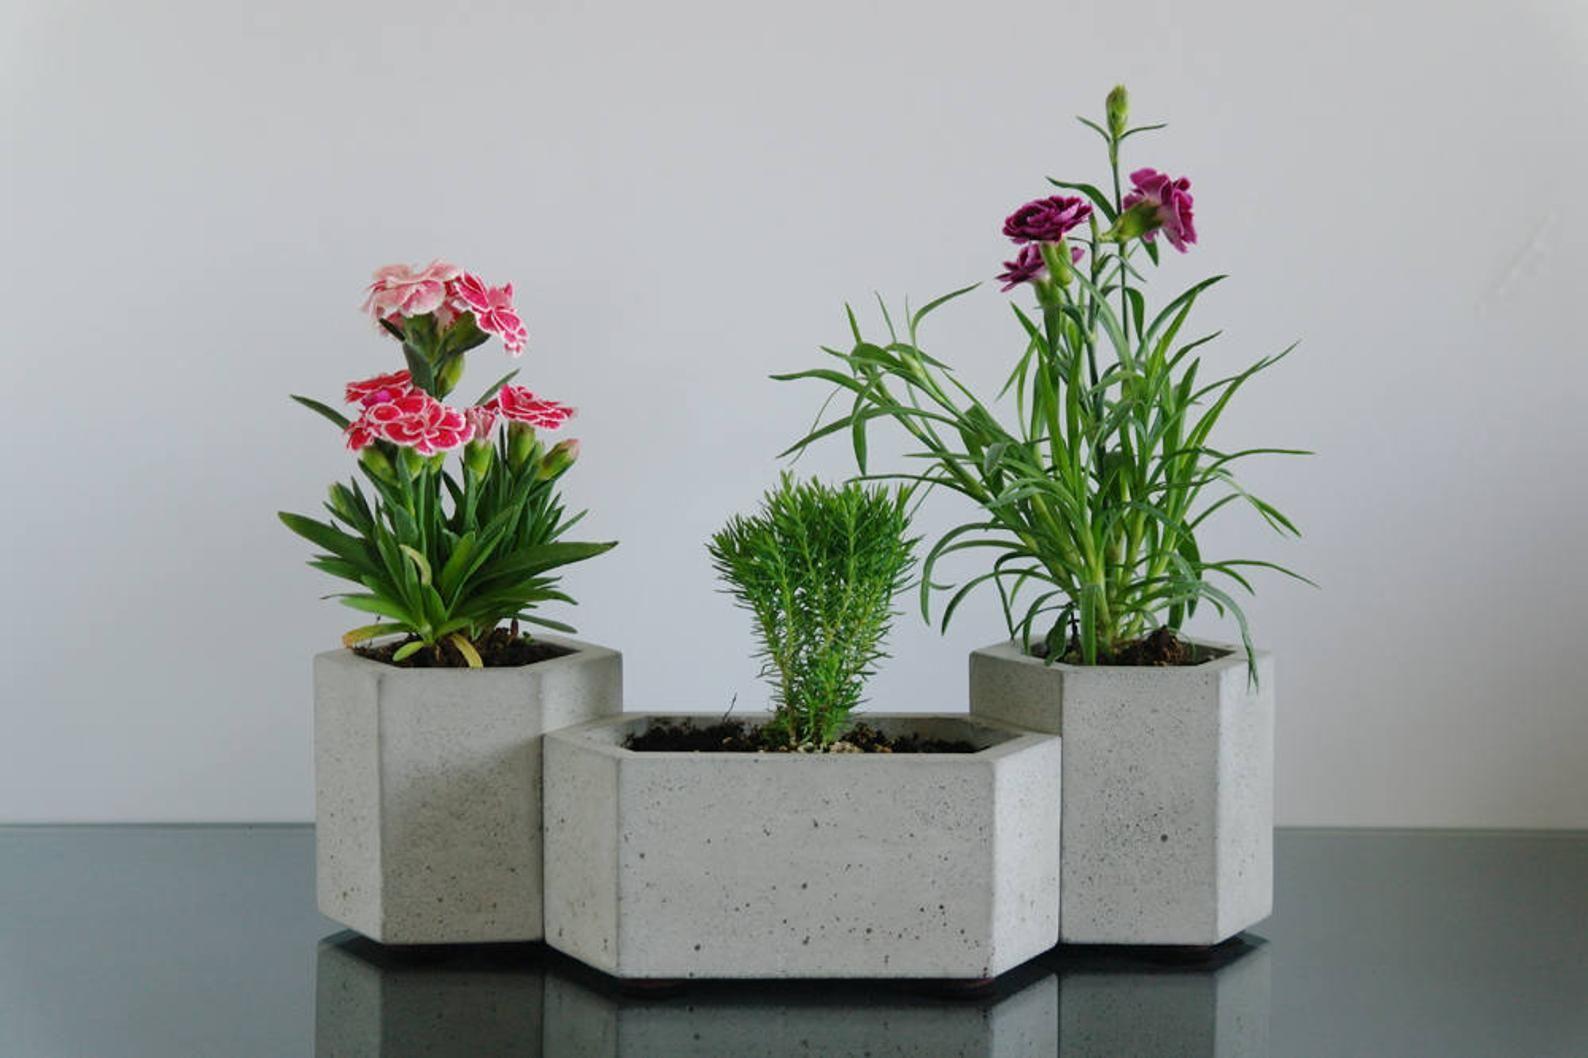 Set Of 3 Hexagon Concrete Planters Cactus Planter Succulent Etsy Concrete Planters Cactus Planter Succulent Planter